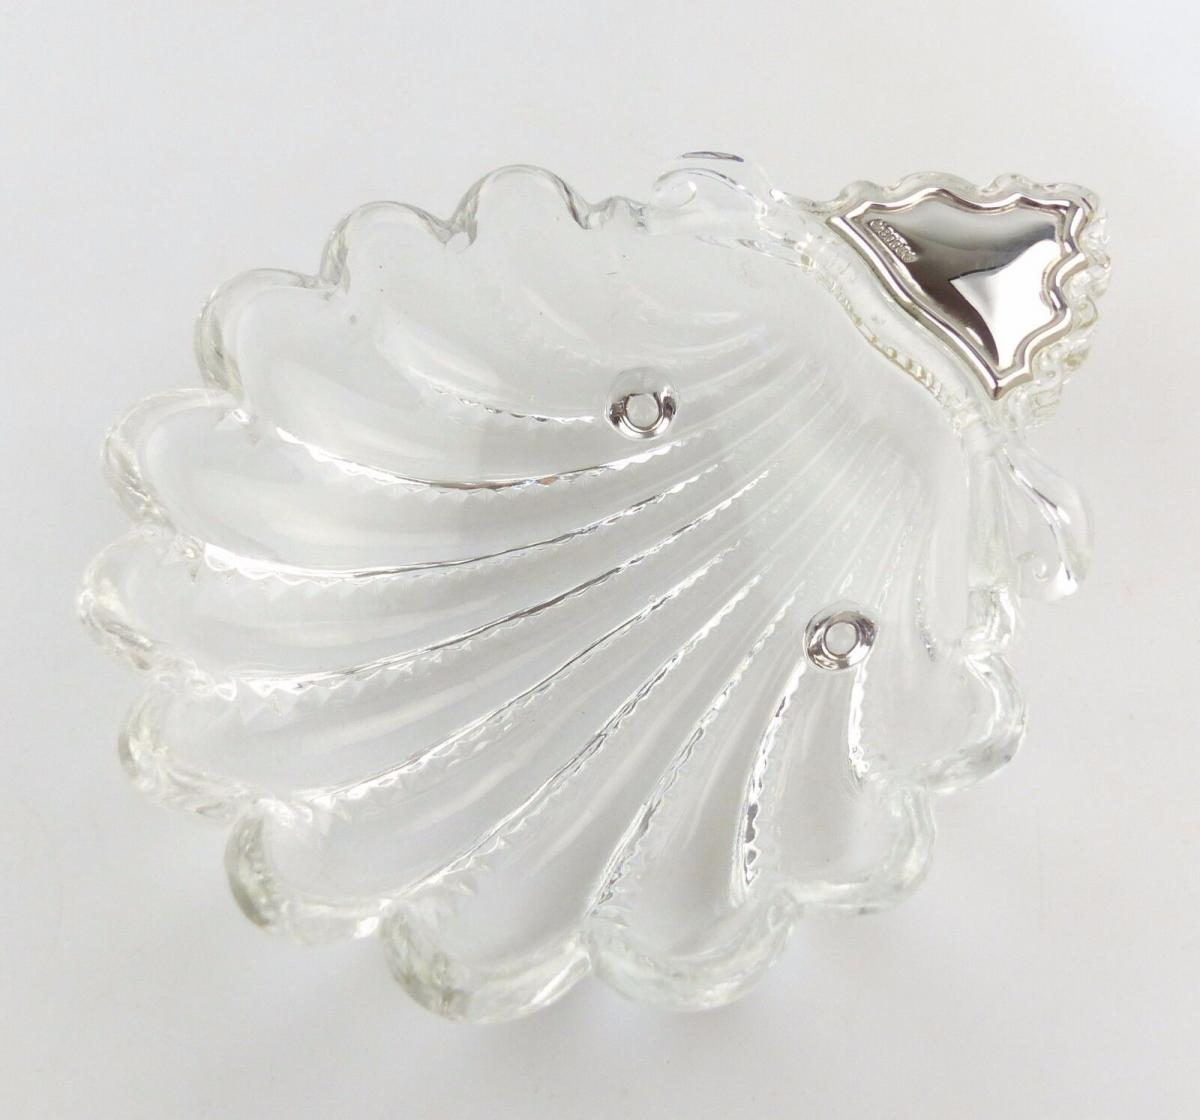 #e8233 Sehr dekorative Glasschale mit aufgelegtem 800 Silber am Griff Muschel